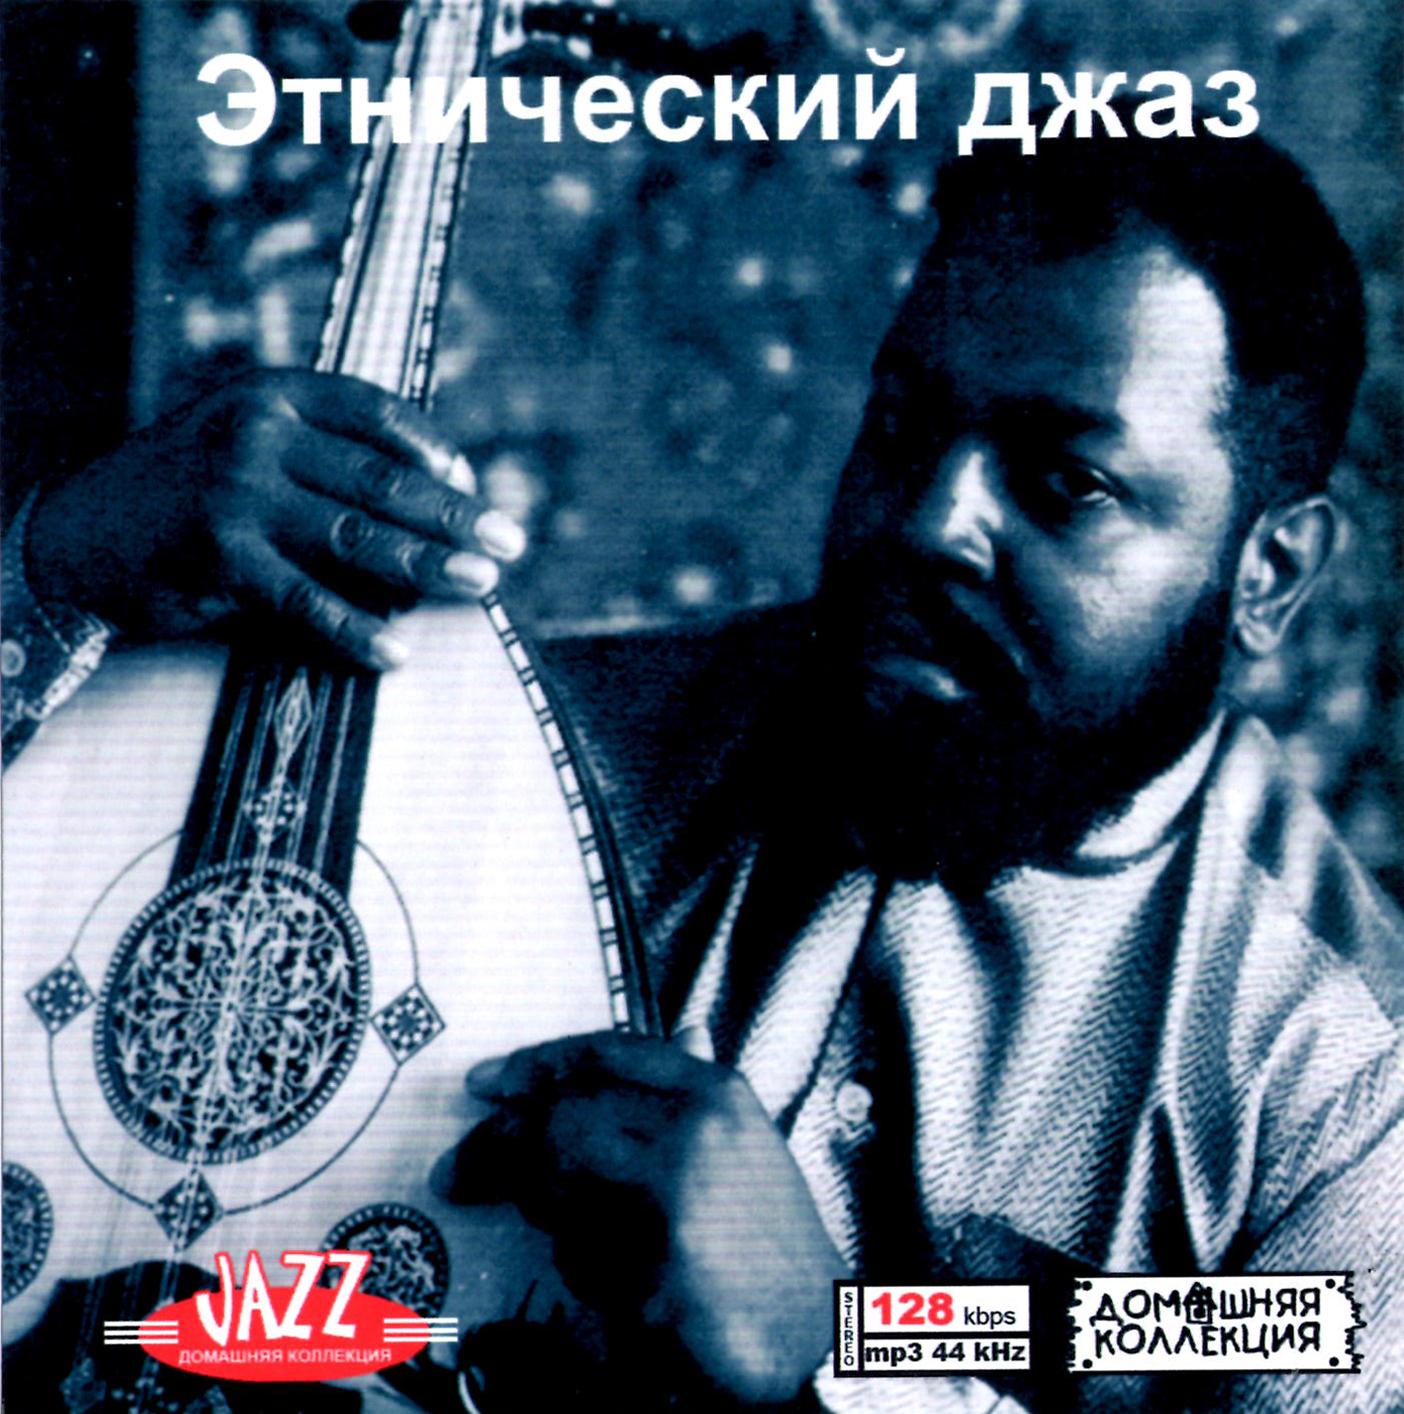 Этнический джаз [mp3]